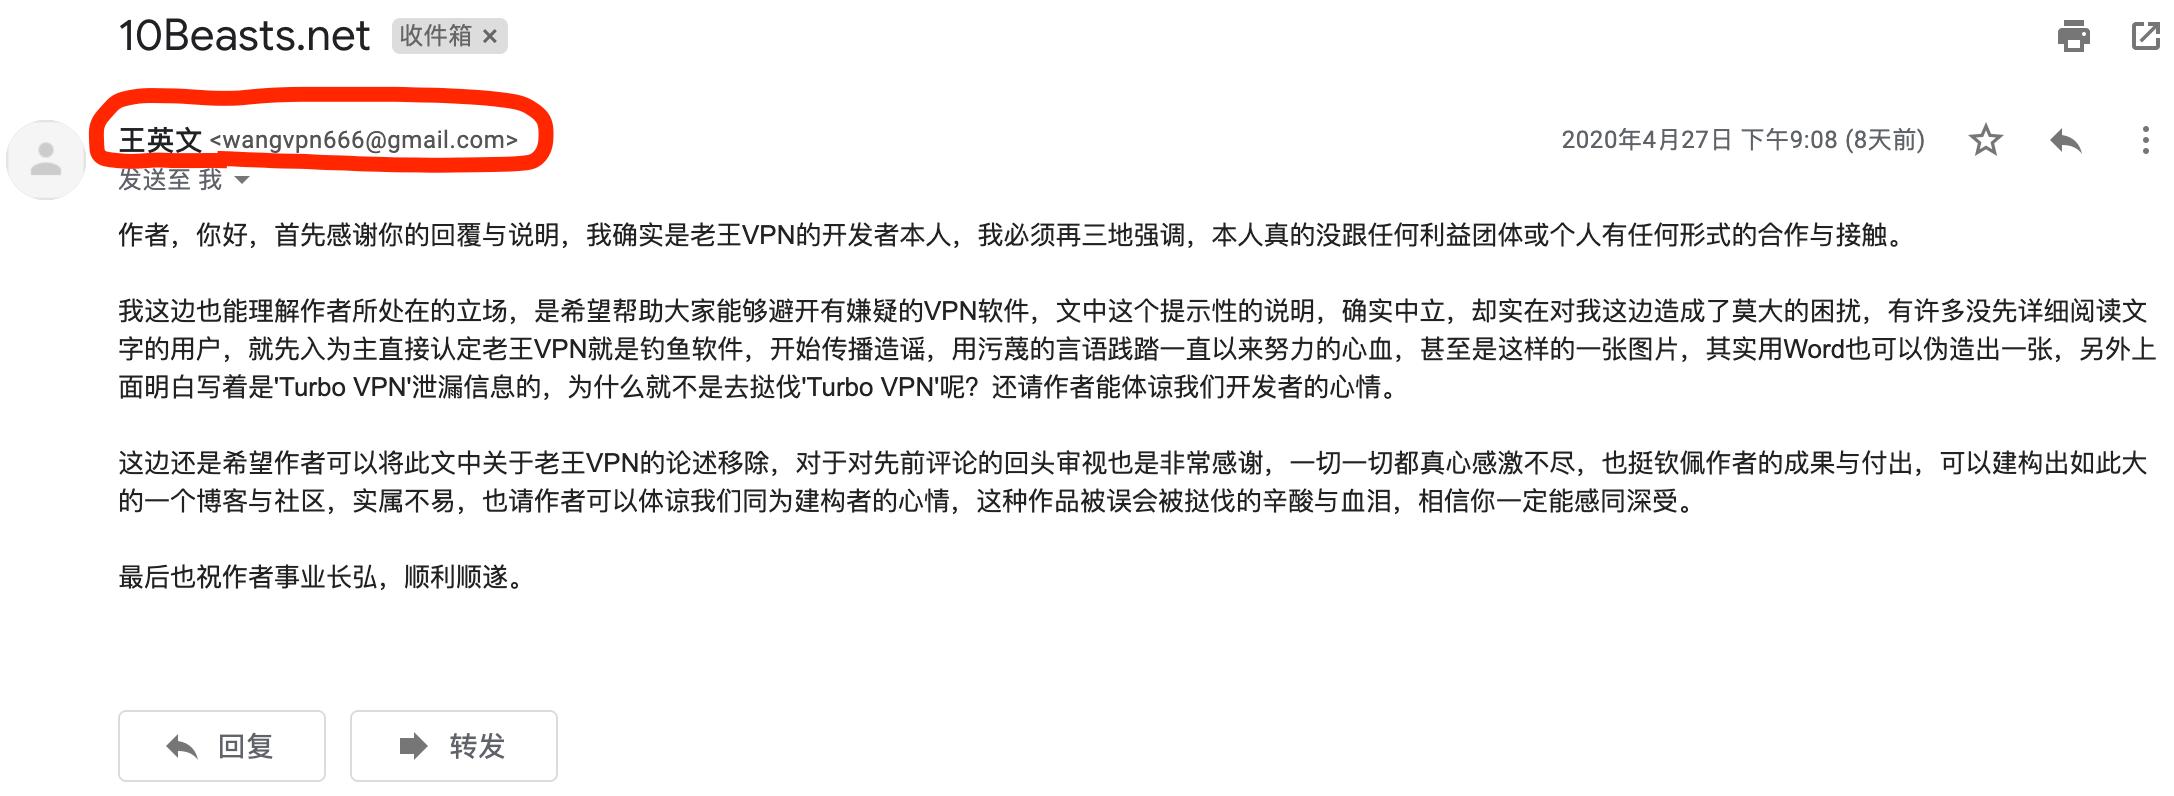 """VPN""""的作者邮件声明 2020-05-05 at 11.03.57"""